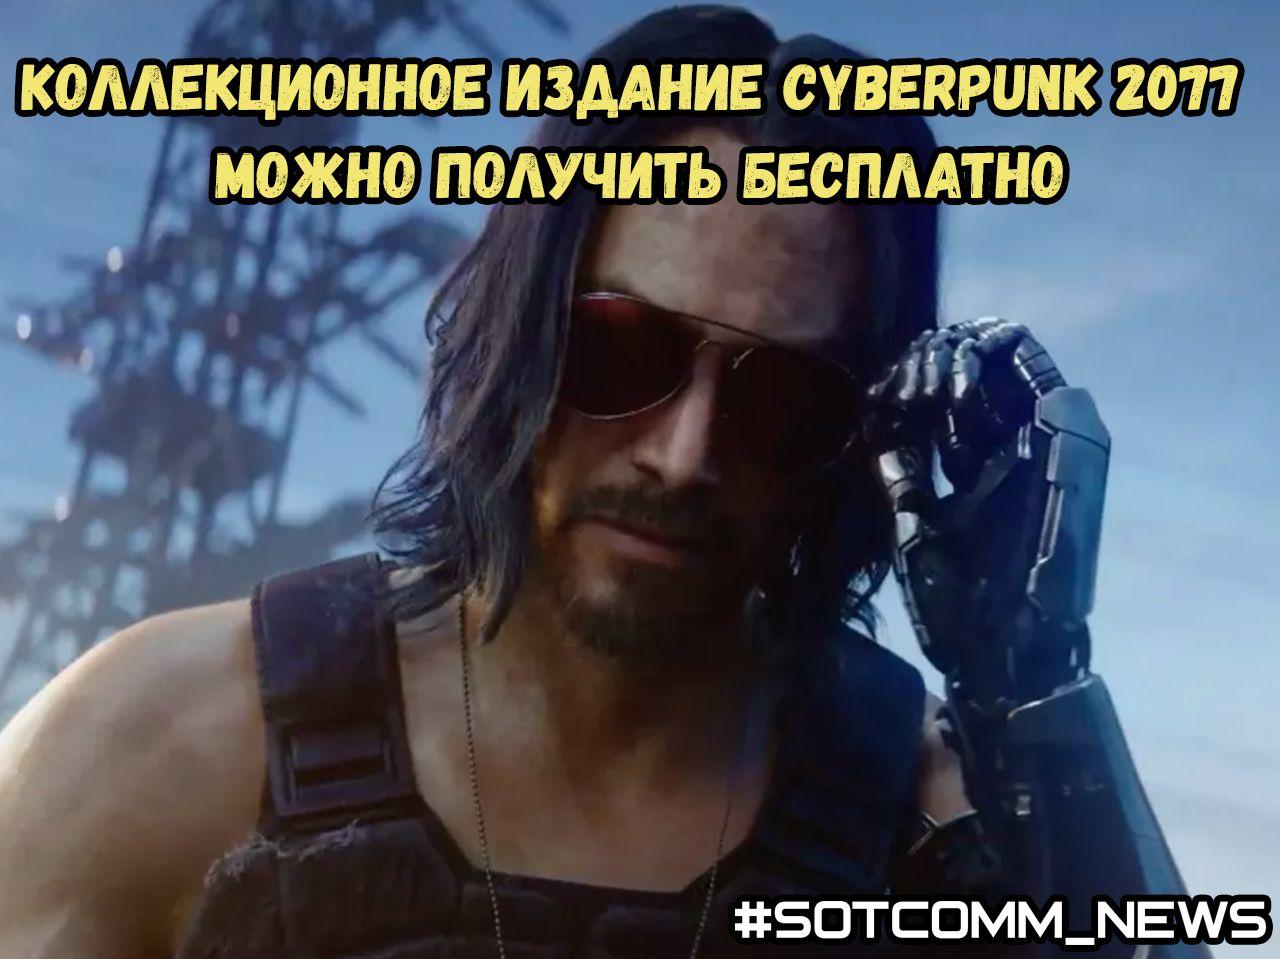 Коллекционное издание Cyberpunk 2077 можно получить бесплатно